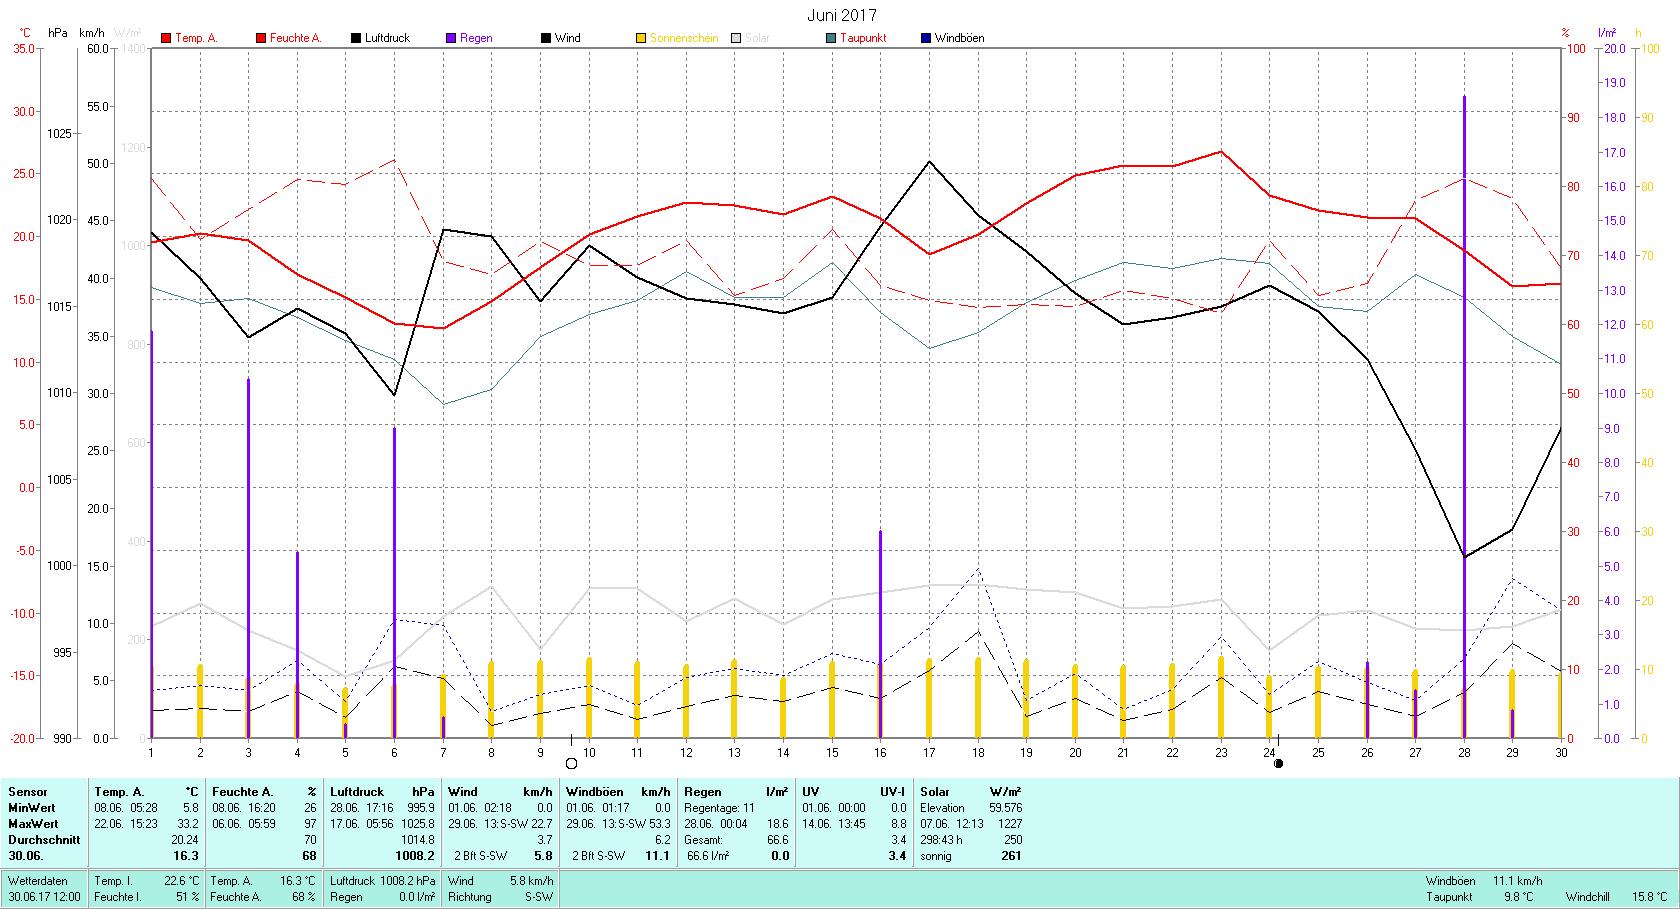 Juni 2017 Tmin 5.8°C, Tmax 33.2°C, Sonne 298:43h, Niederschlag 66.6mm/2